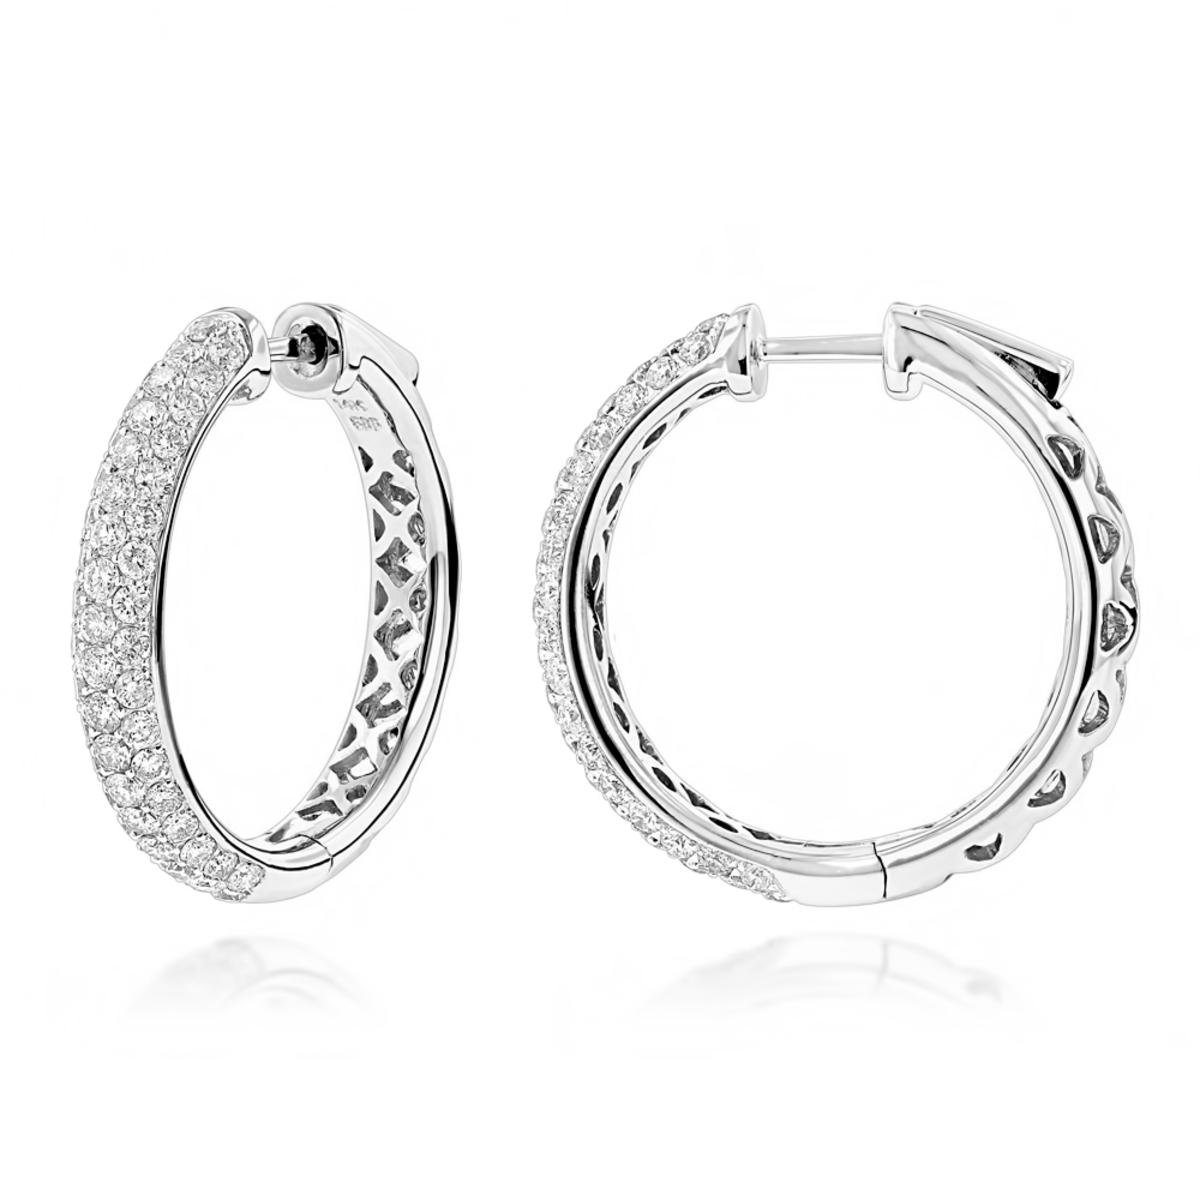 Pave Diamond Hoop Earrings 2.45ct